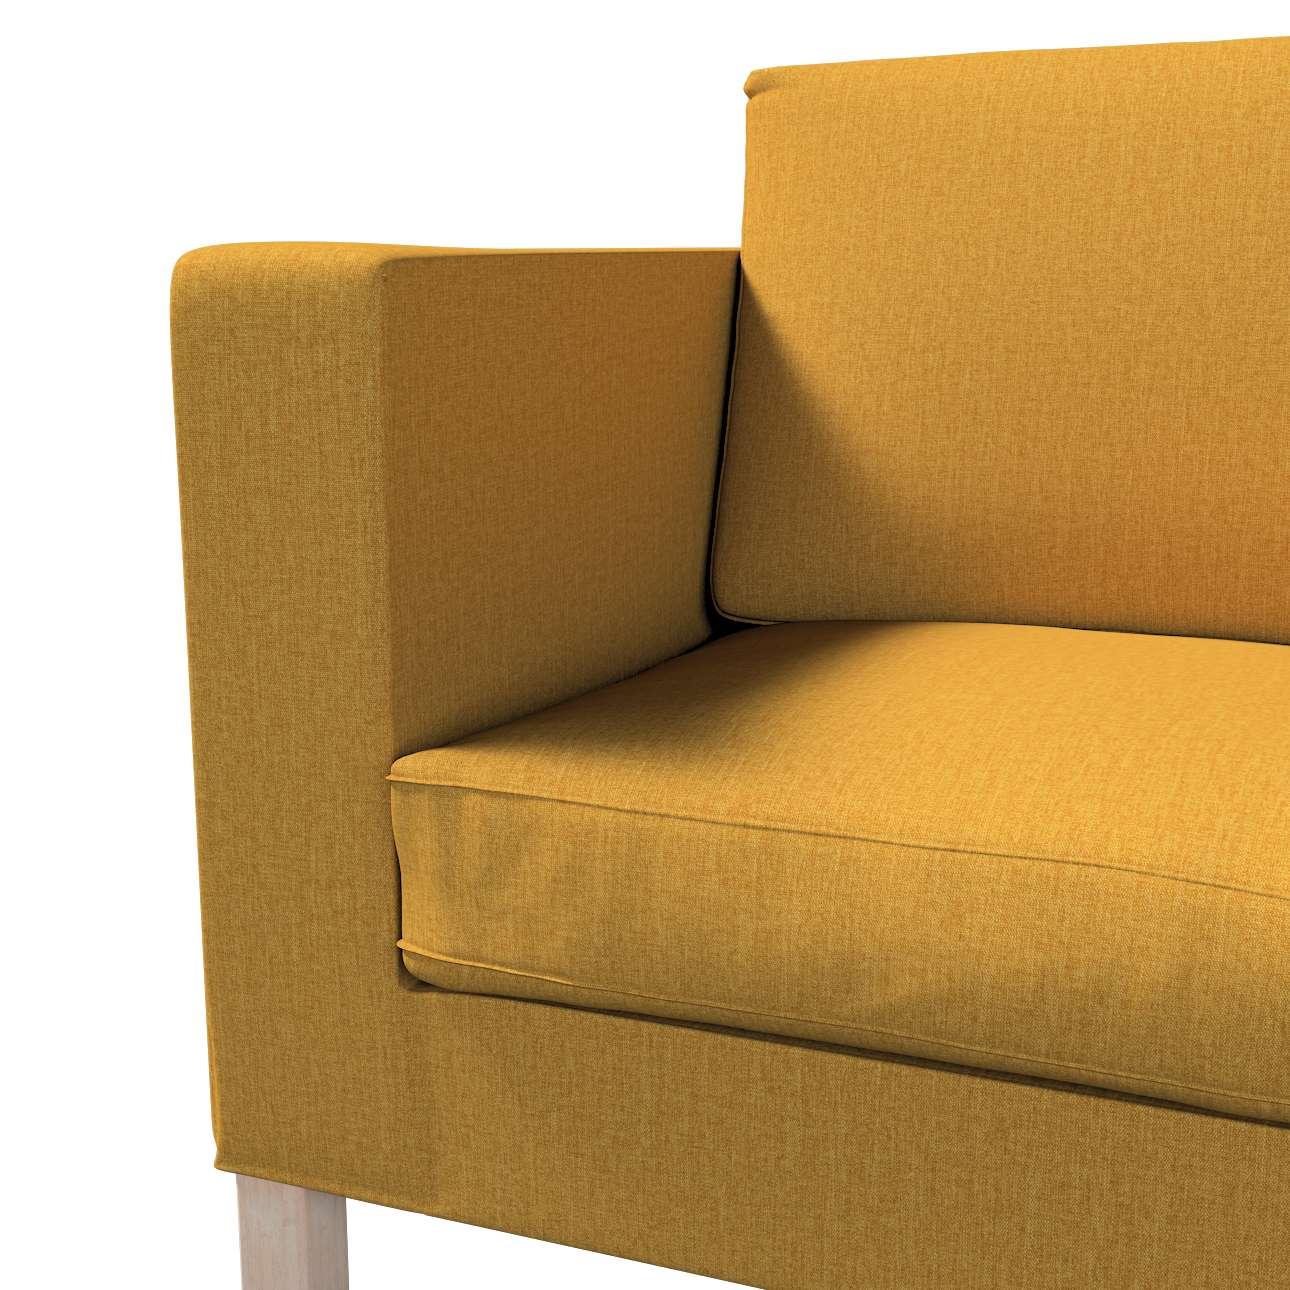 Pokrowiec na sofę Karlanda rozkładaną, krótki w kolekcji City, tkanina: 704-82